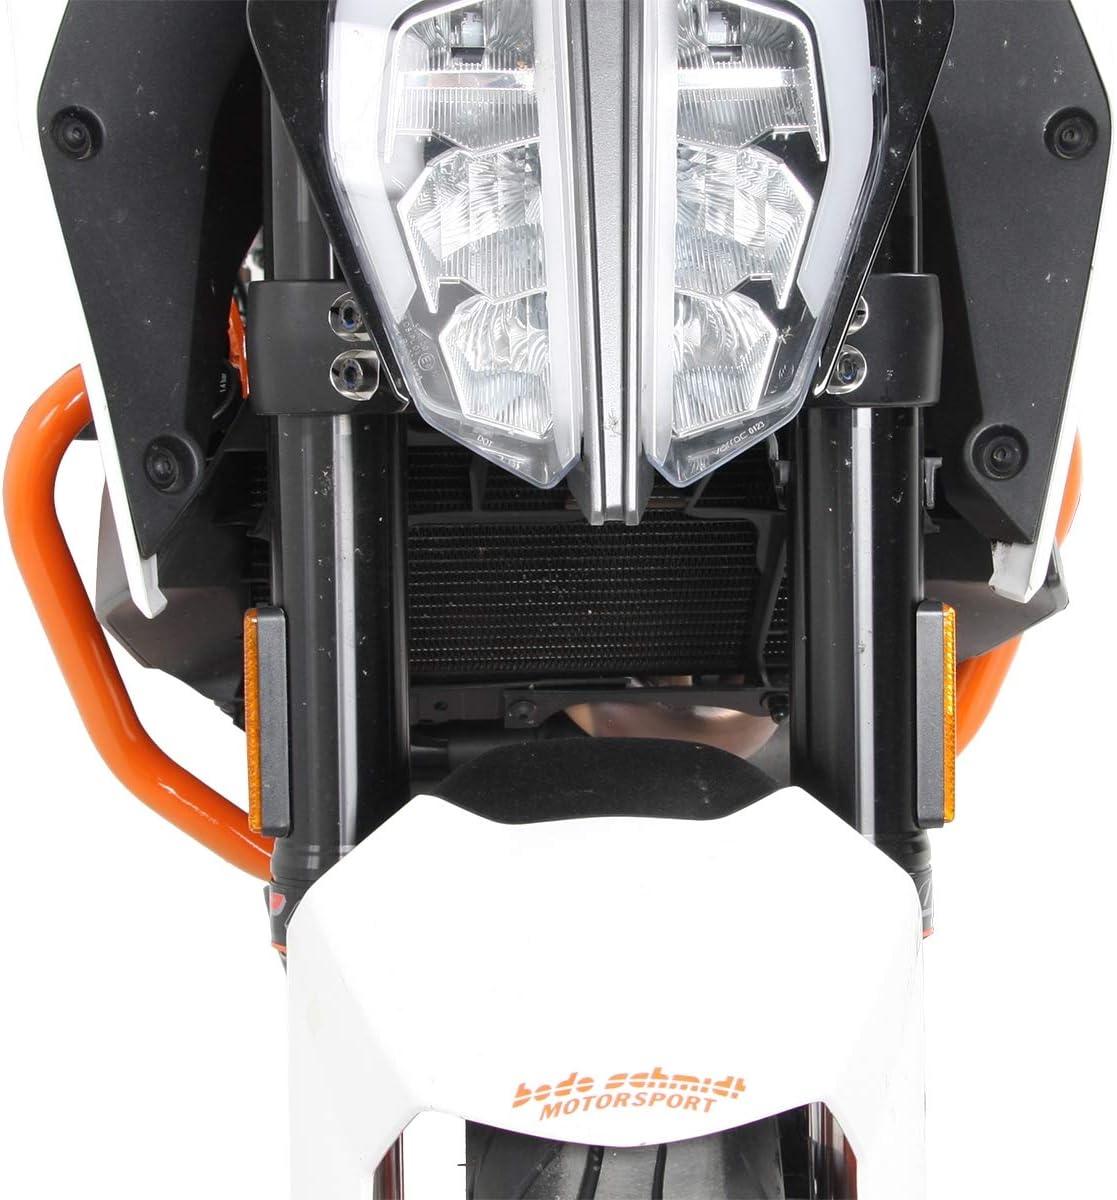 Hepco Becker Motorschutzbügel Orange Für Ktm 390 Duke 2013 2016 Auto